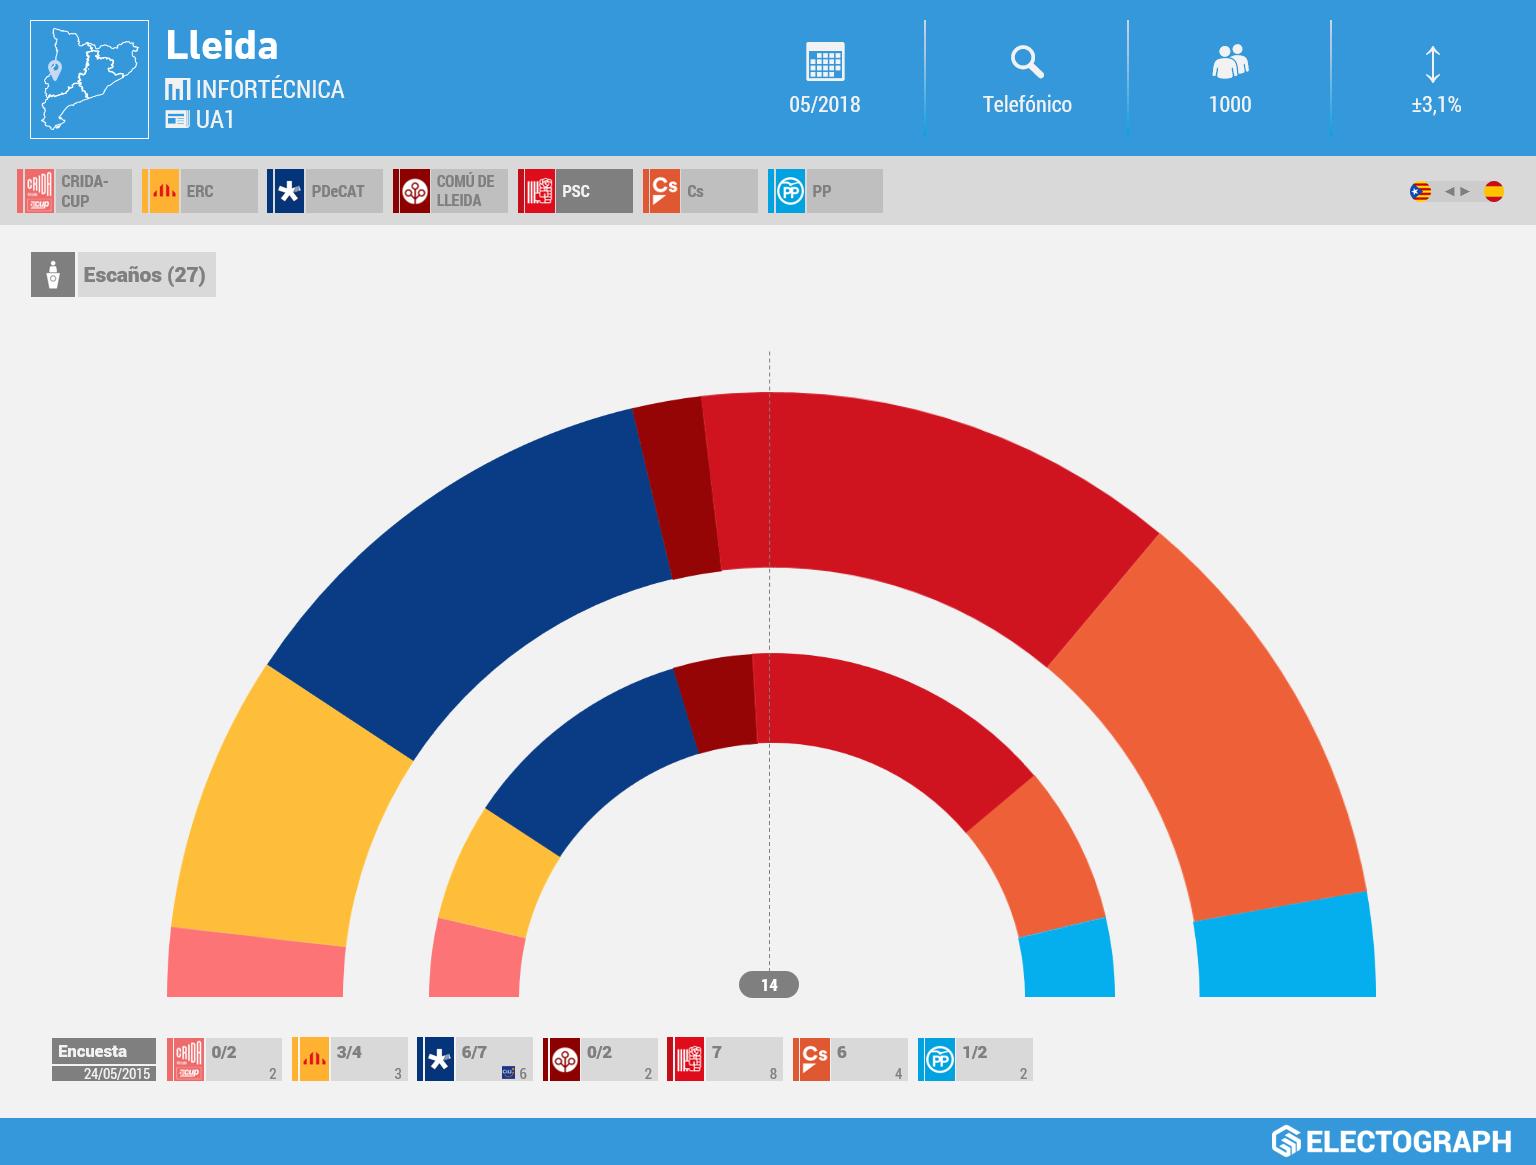 Gráfico de la encuesta para elecciones municipales en Lleida realizada por Inforténica para UA1 en mayo de 2018